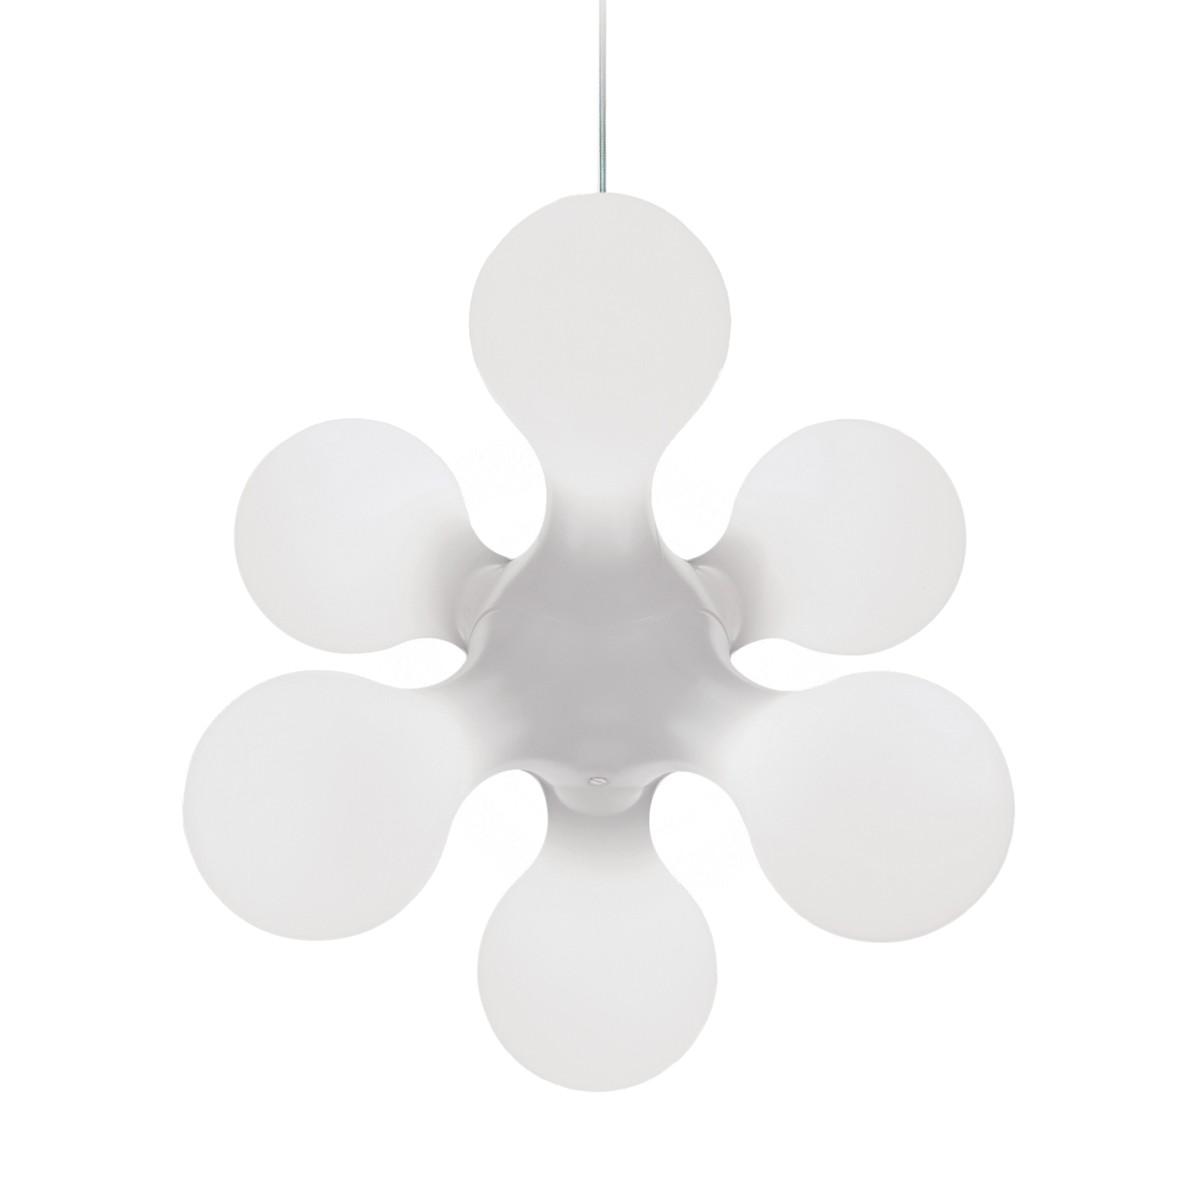 Kundalini Atomium Ceiling Pendelleuchte, weiß glänzend